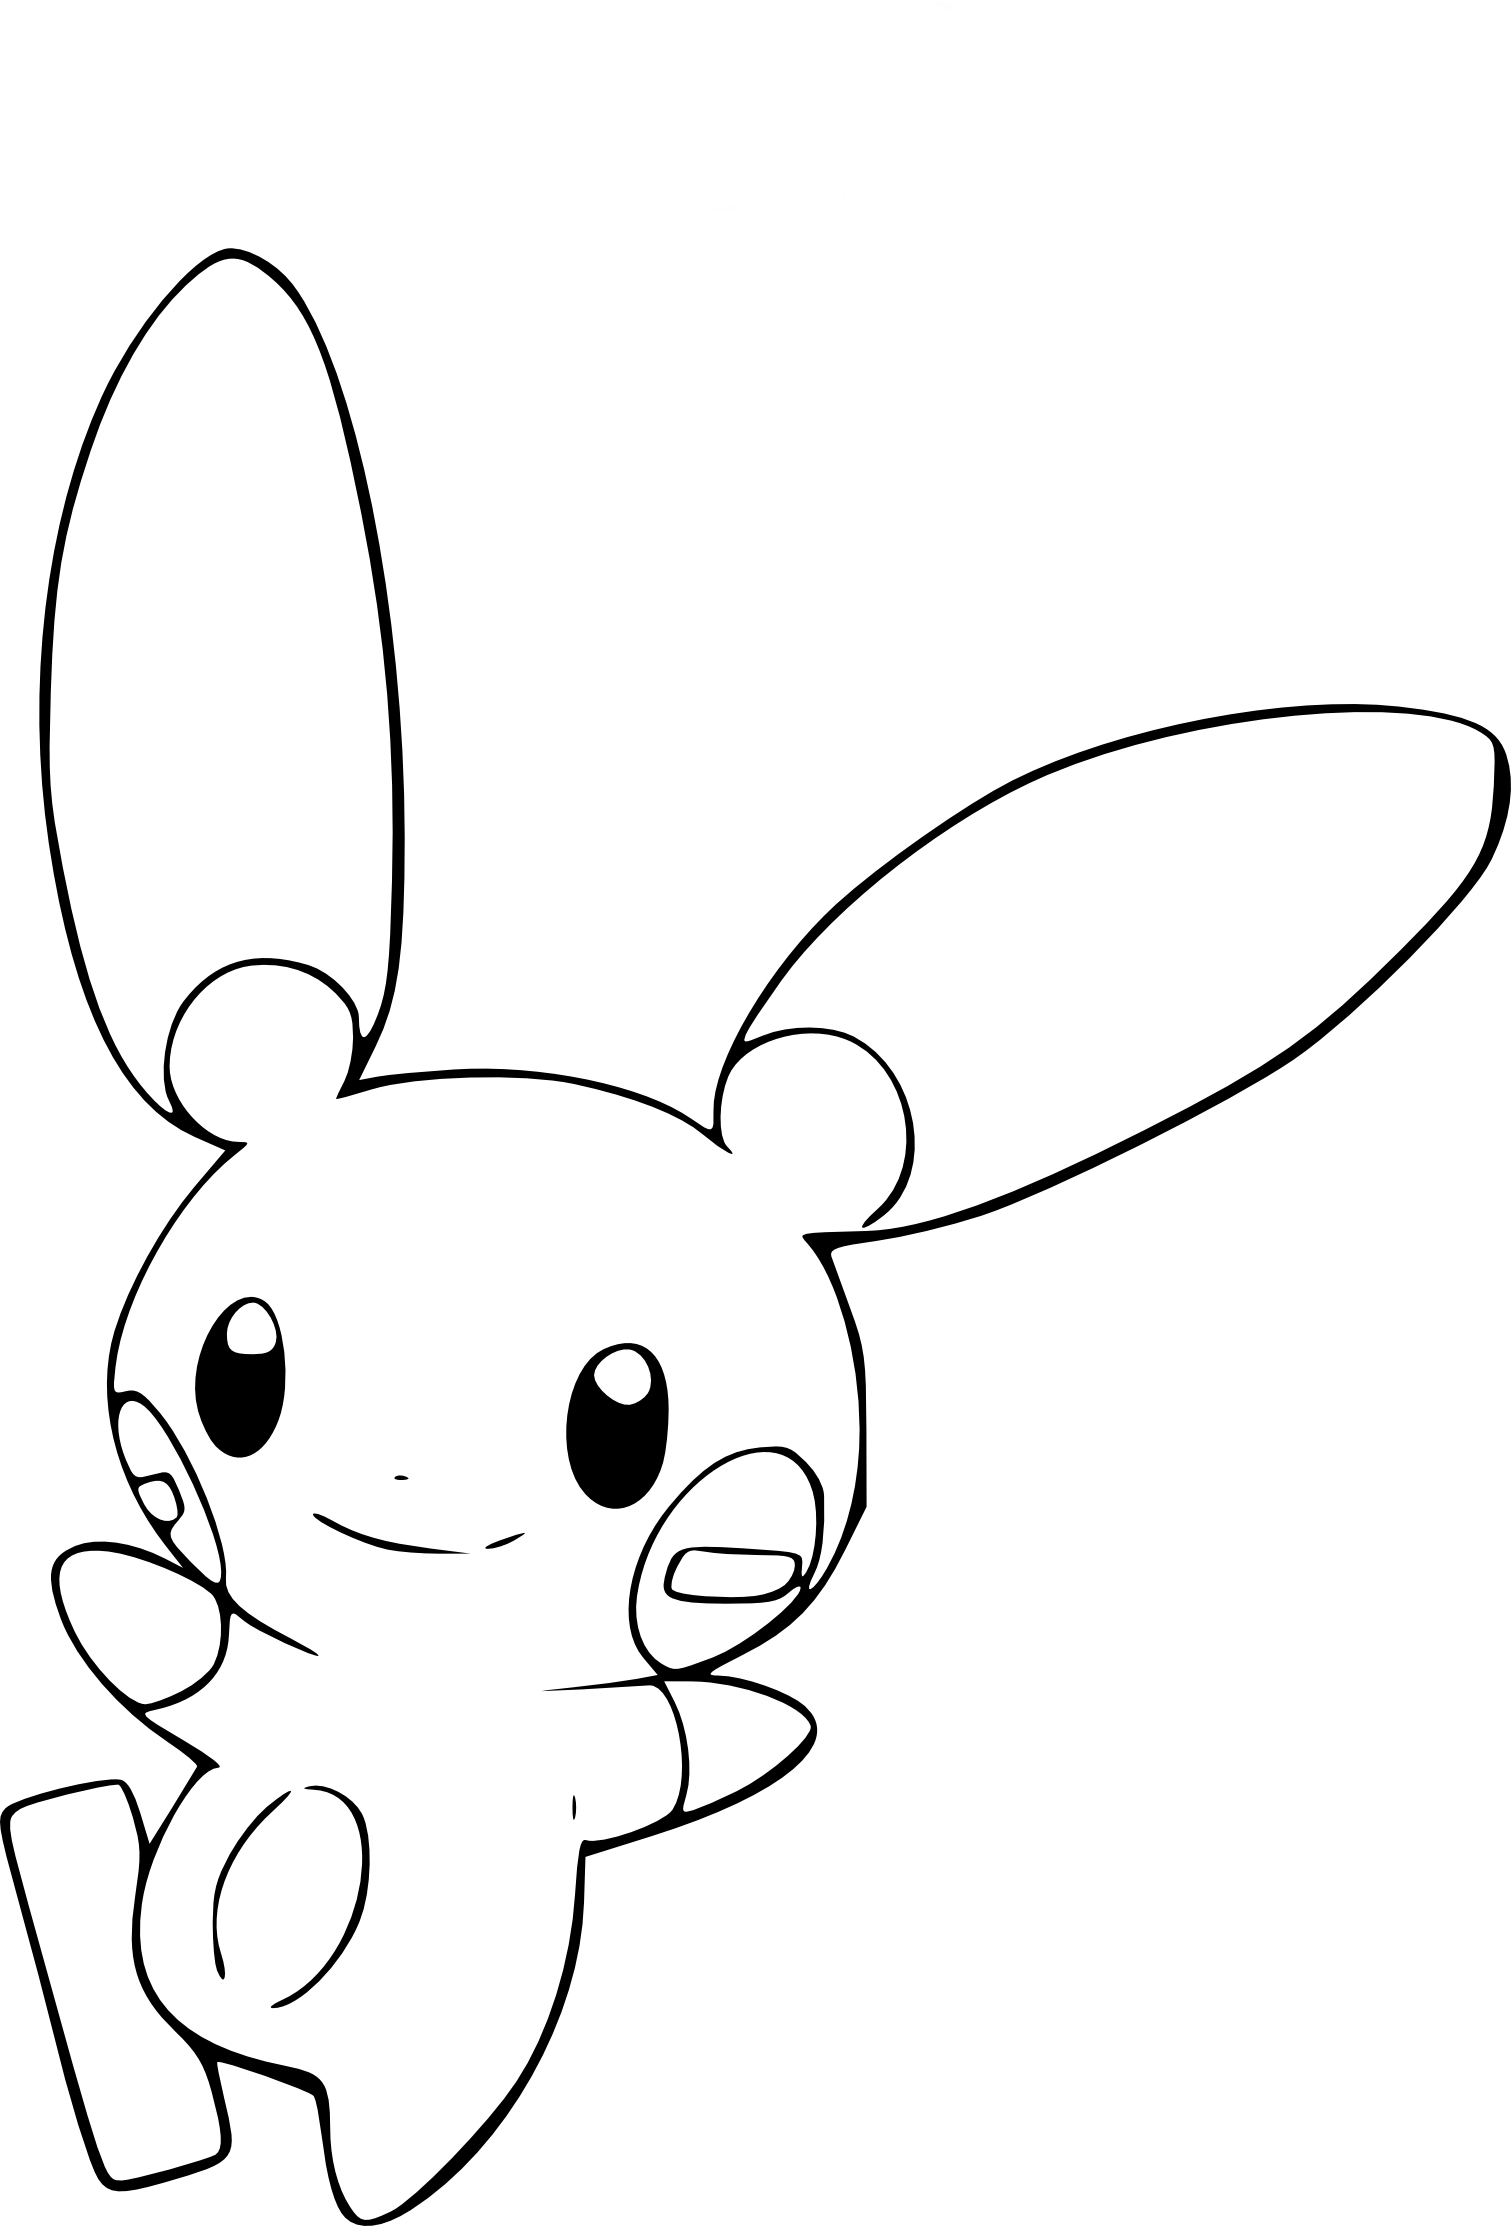 Coloriage Négapi Pokemon gratuit à imprimer